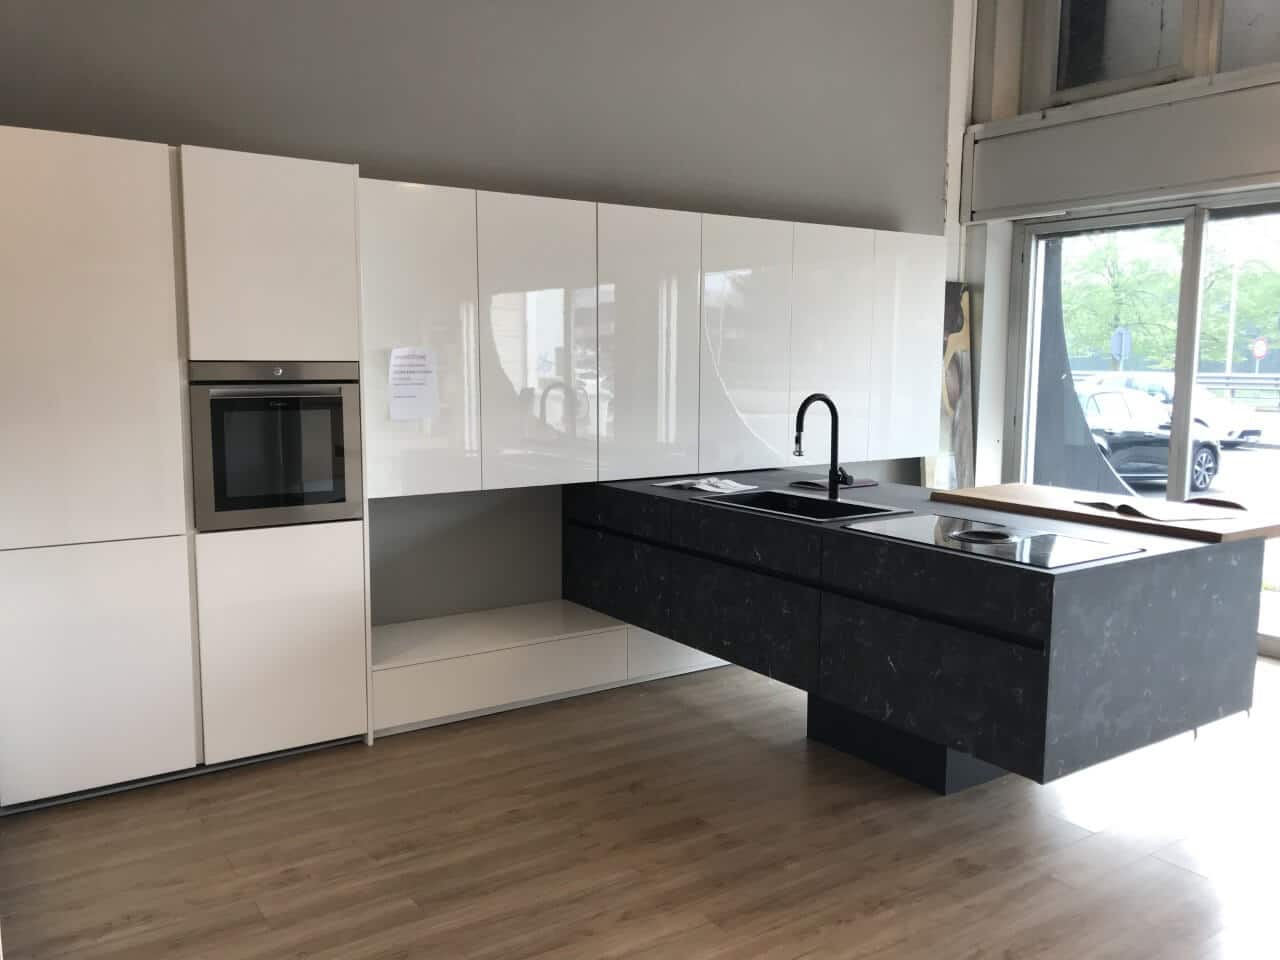 cucina expo vetrina in svendita da esposizione con elettrodomestici L 485 -  P 280 - H 221